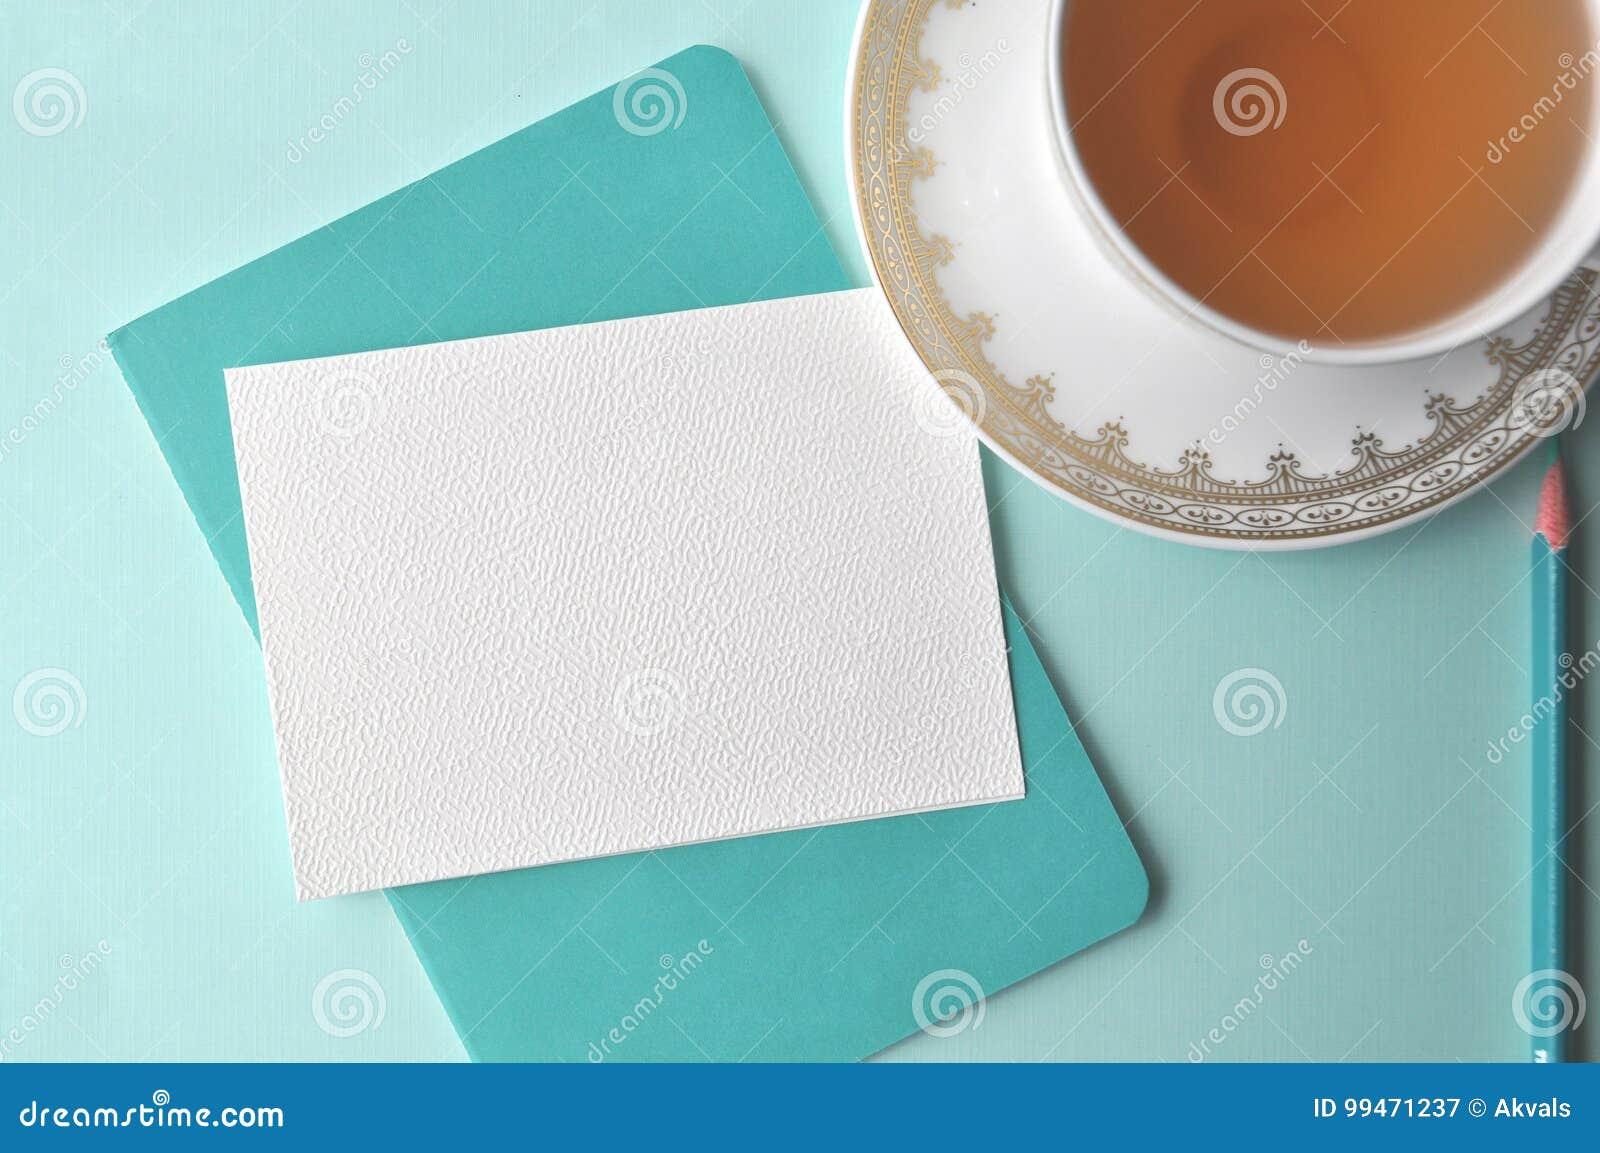 Feine weiße Porzellanporzellanschale mit Tee, Knickentenbleistift, weißer Anmerkungskarte und tadellosem blauem Hintergrund des A